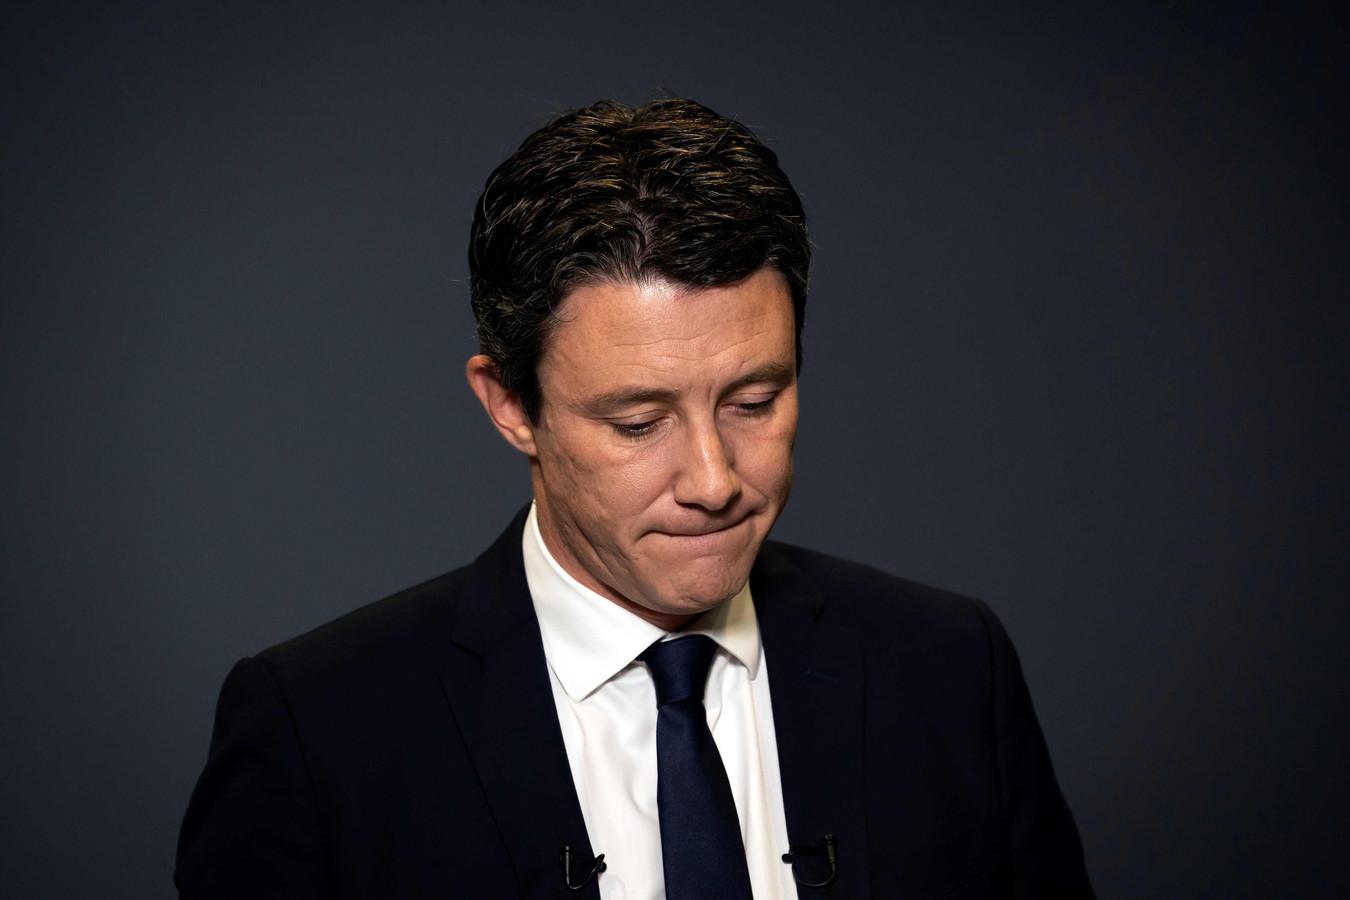 Benjamin Griveaux trekt zich terug als kandidaat voor het burgemeesterschap van Parijs